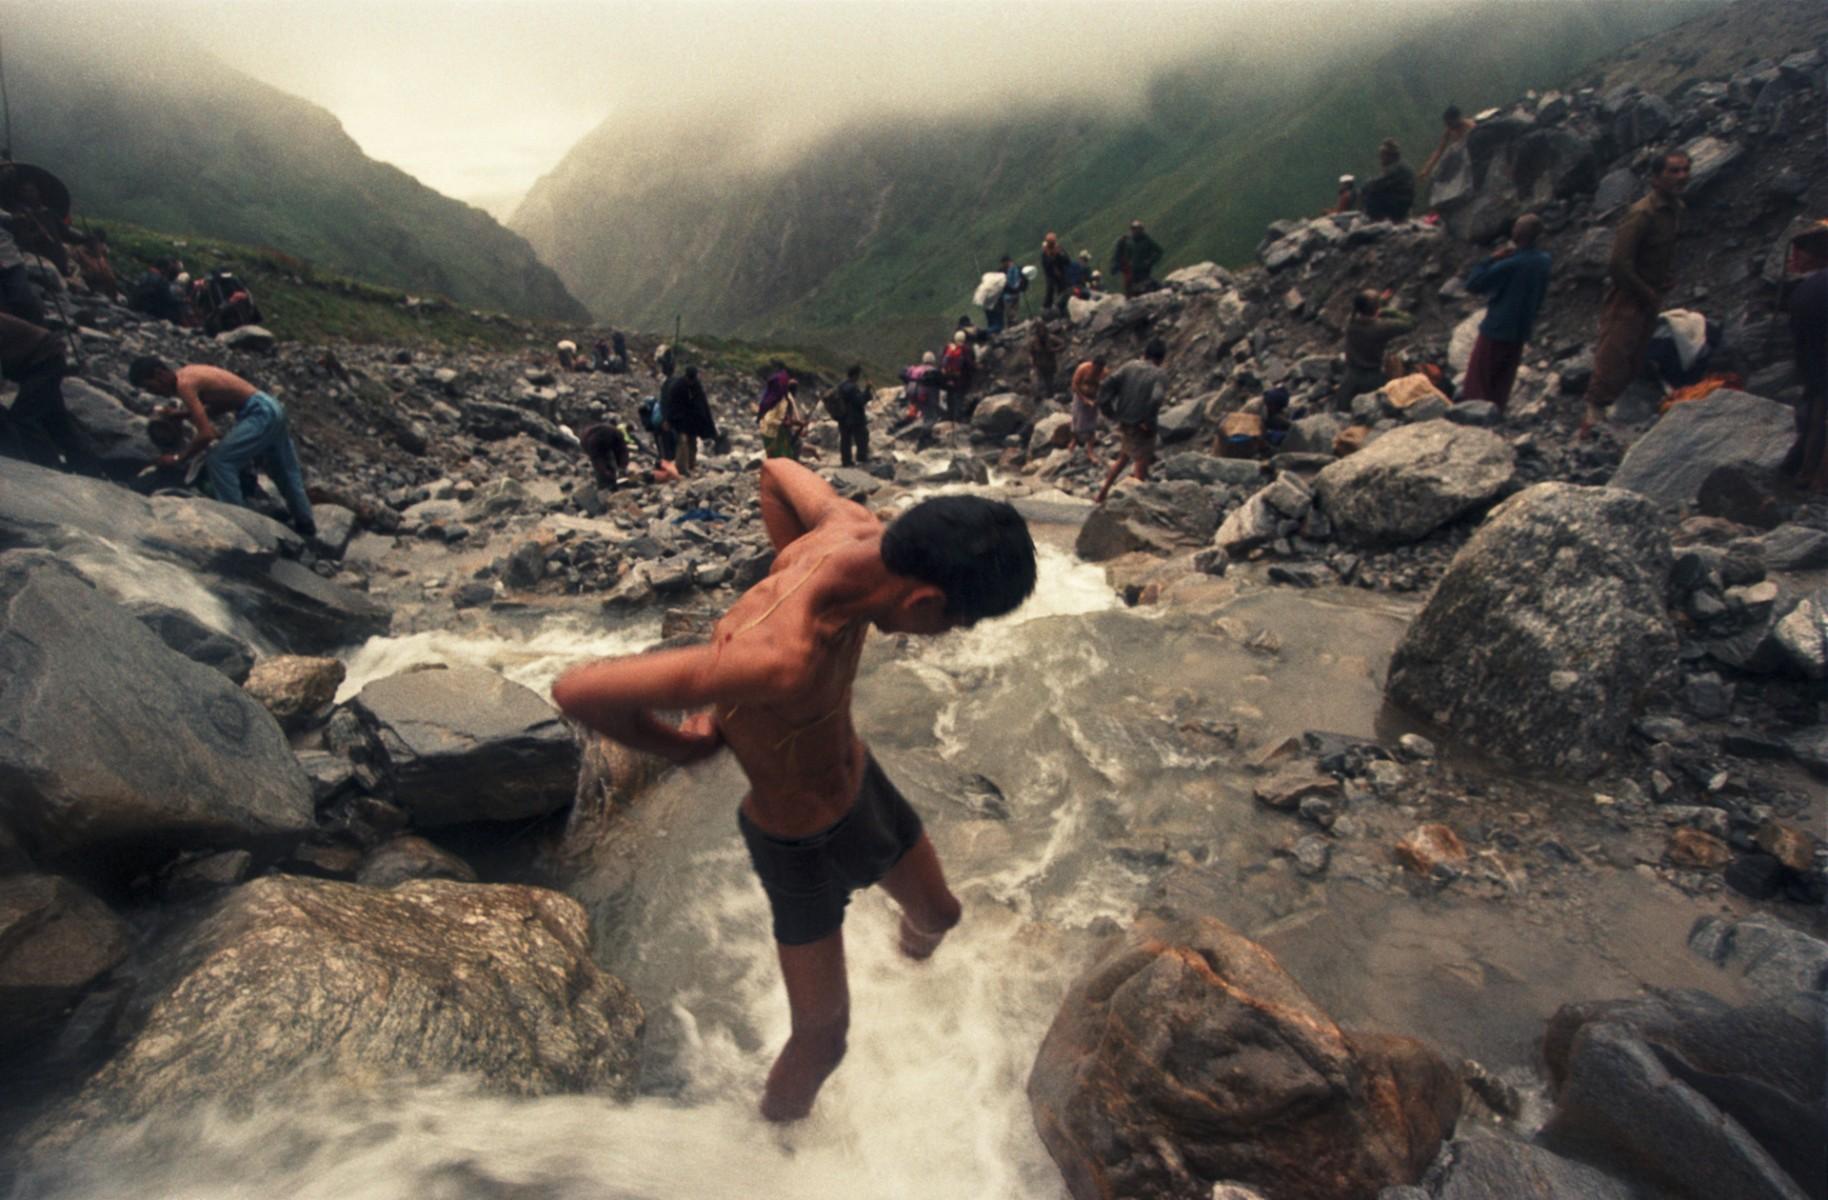 Bathing in Mountain River, Nanda Devi Raj Jat, Garwhal Himalayas